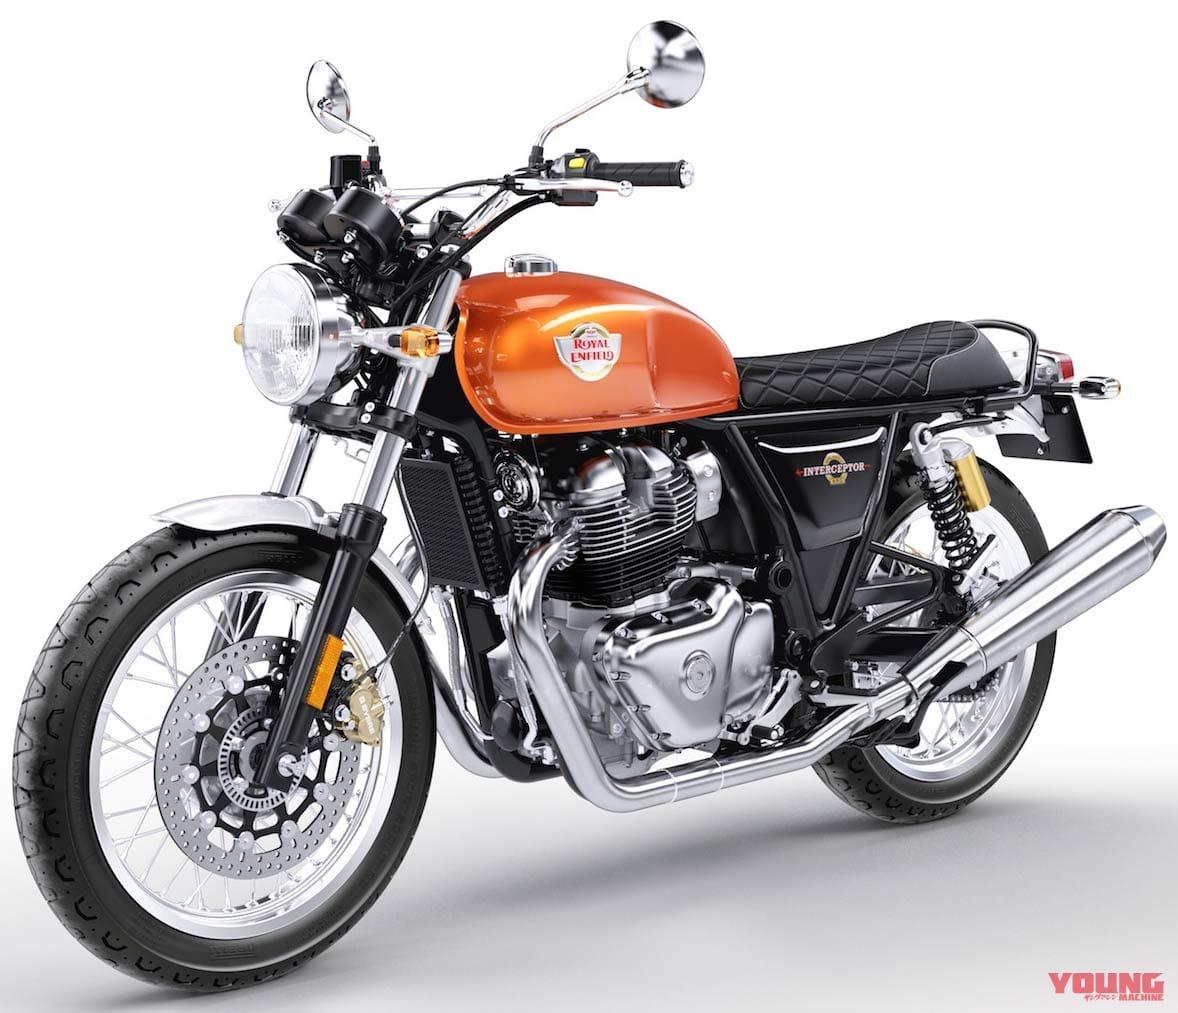 バイク エン フィールド 生産地インドで見た「走る化石」なロイヤルエンフィールド5選